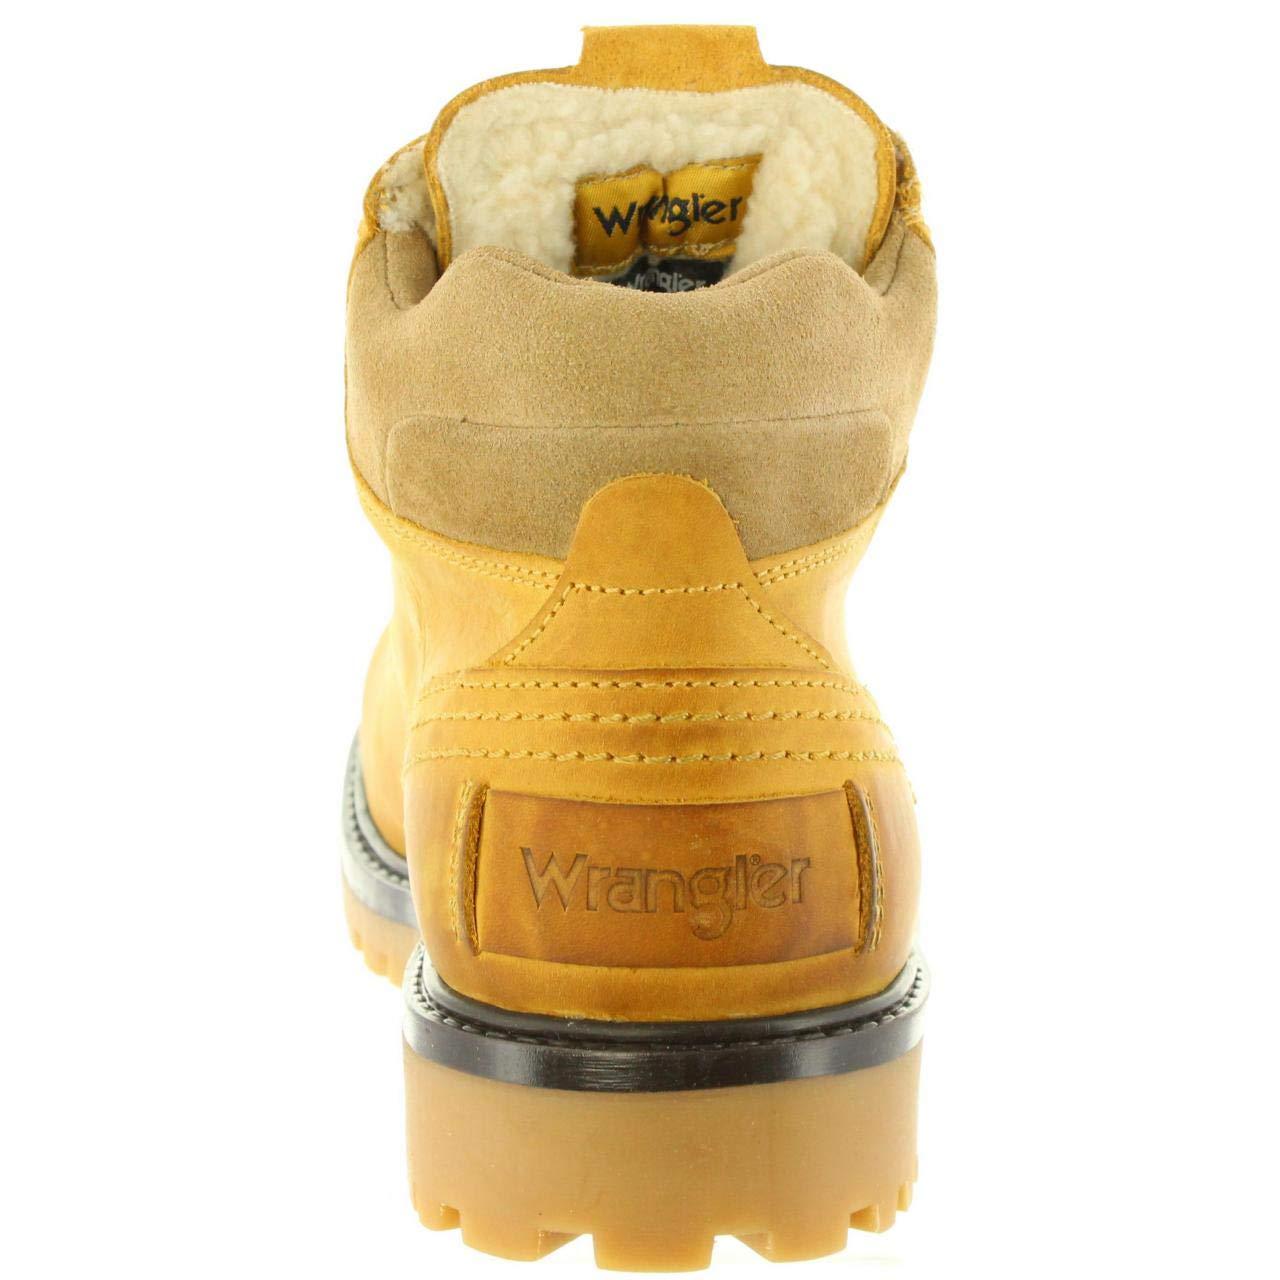 WRANGLER Scarpe Scarpe Scarpe Uomo Stivali Yuma Fur in Pelle Marronee WM182005-CAM | Prezzo di liquidazione  d39e26